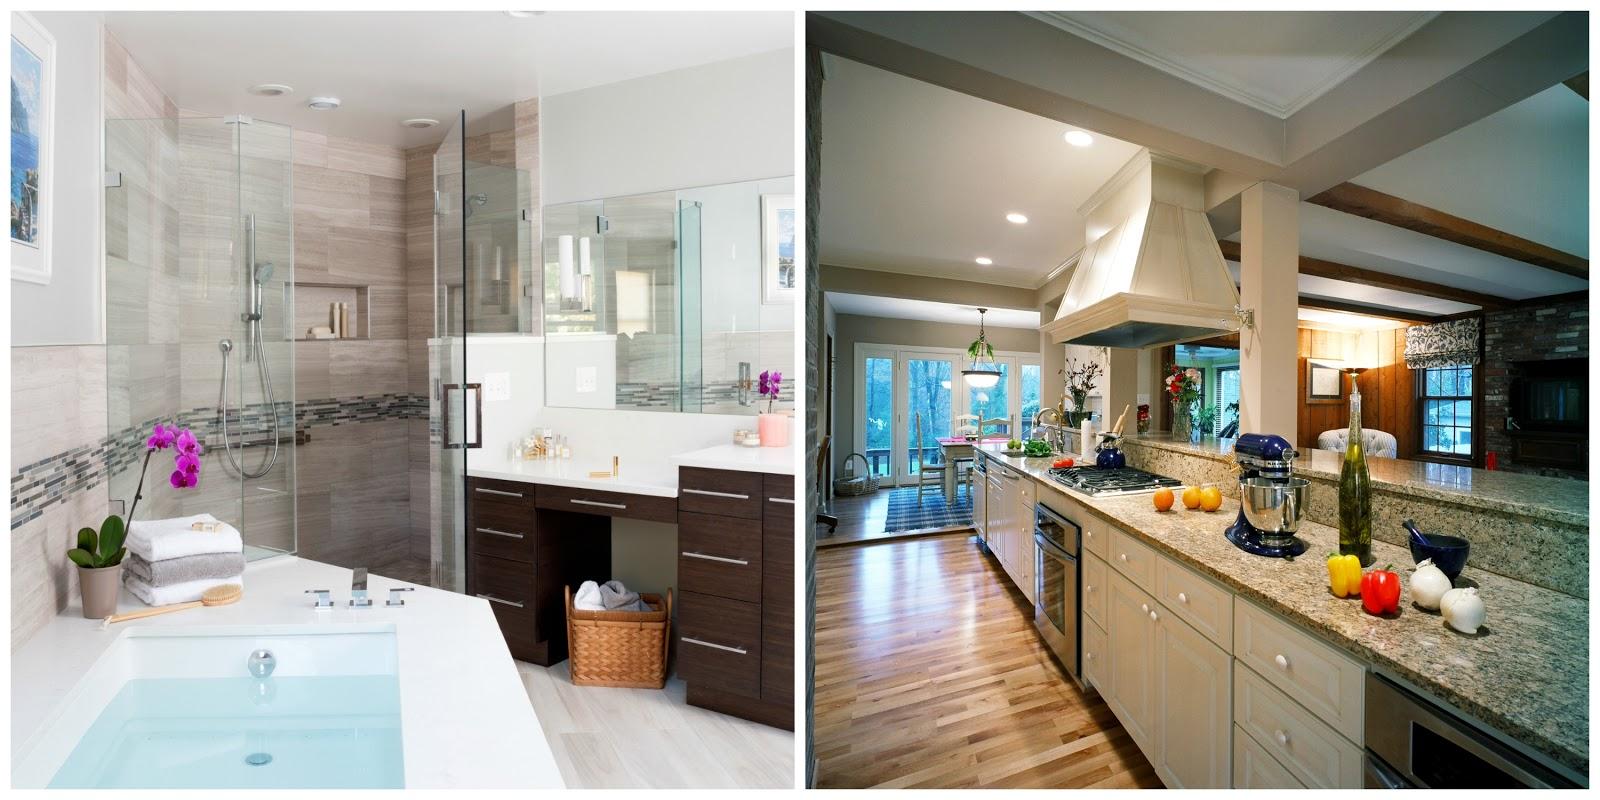 Case design remodeling for Kitchen design halifax